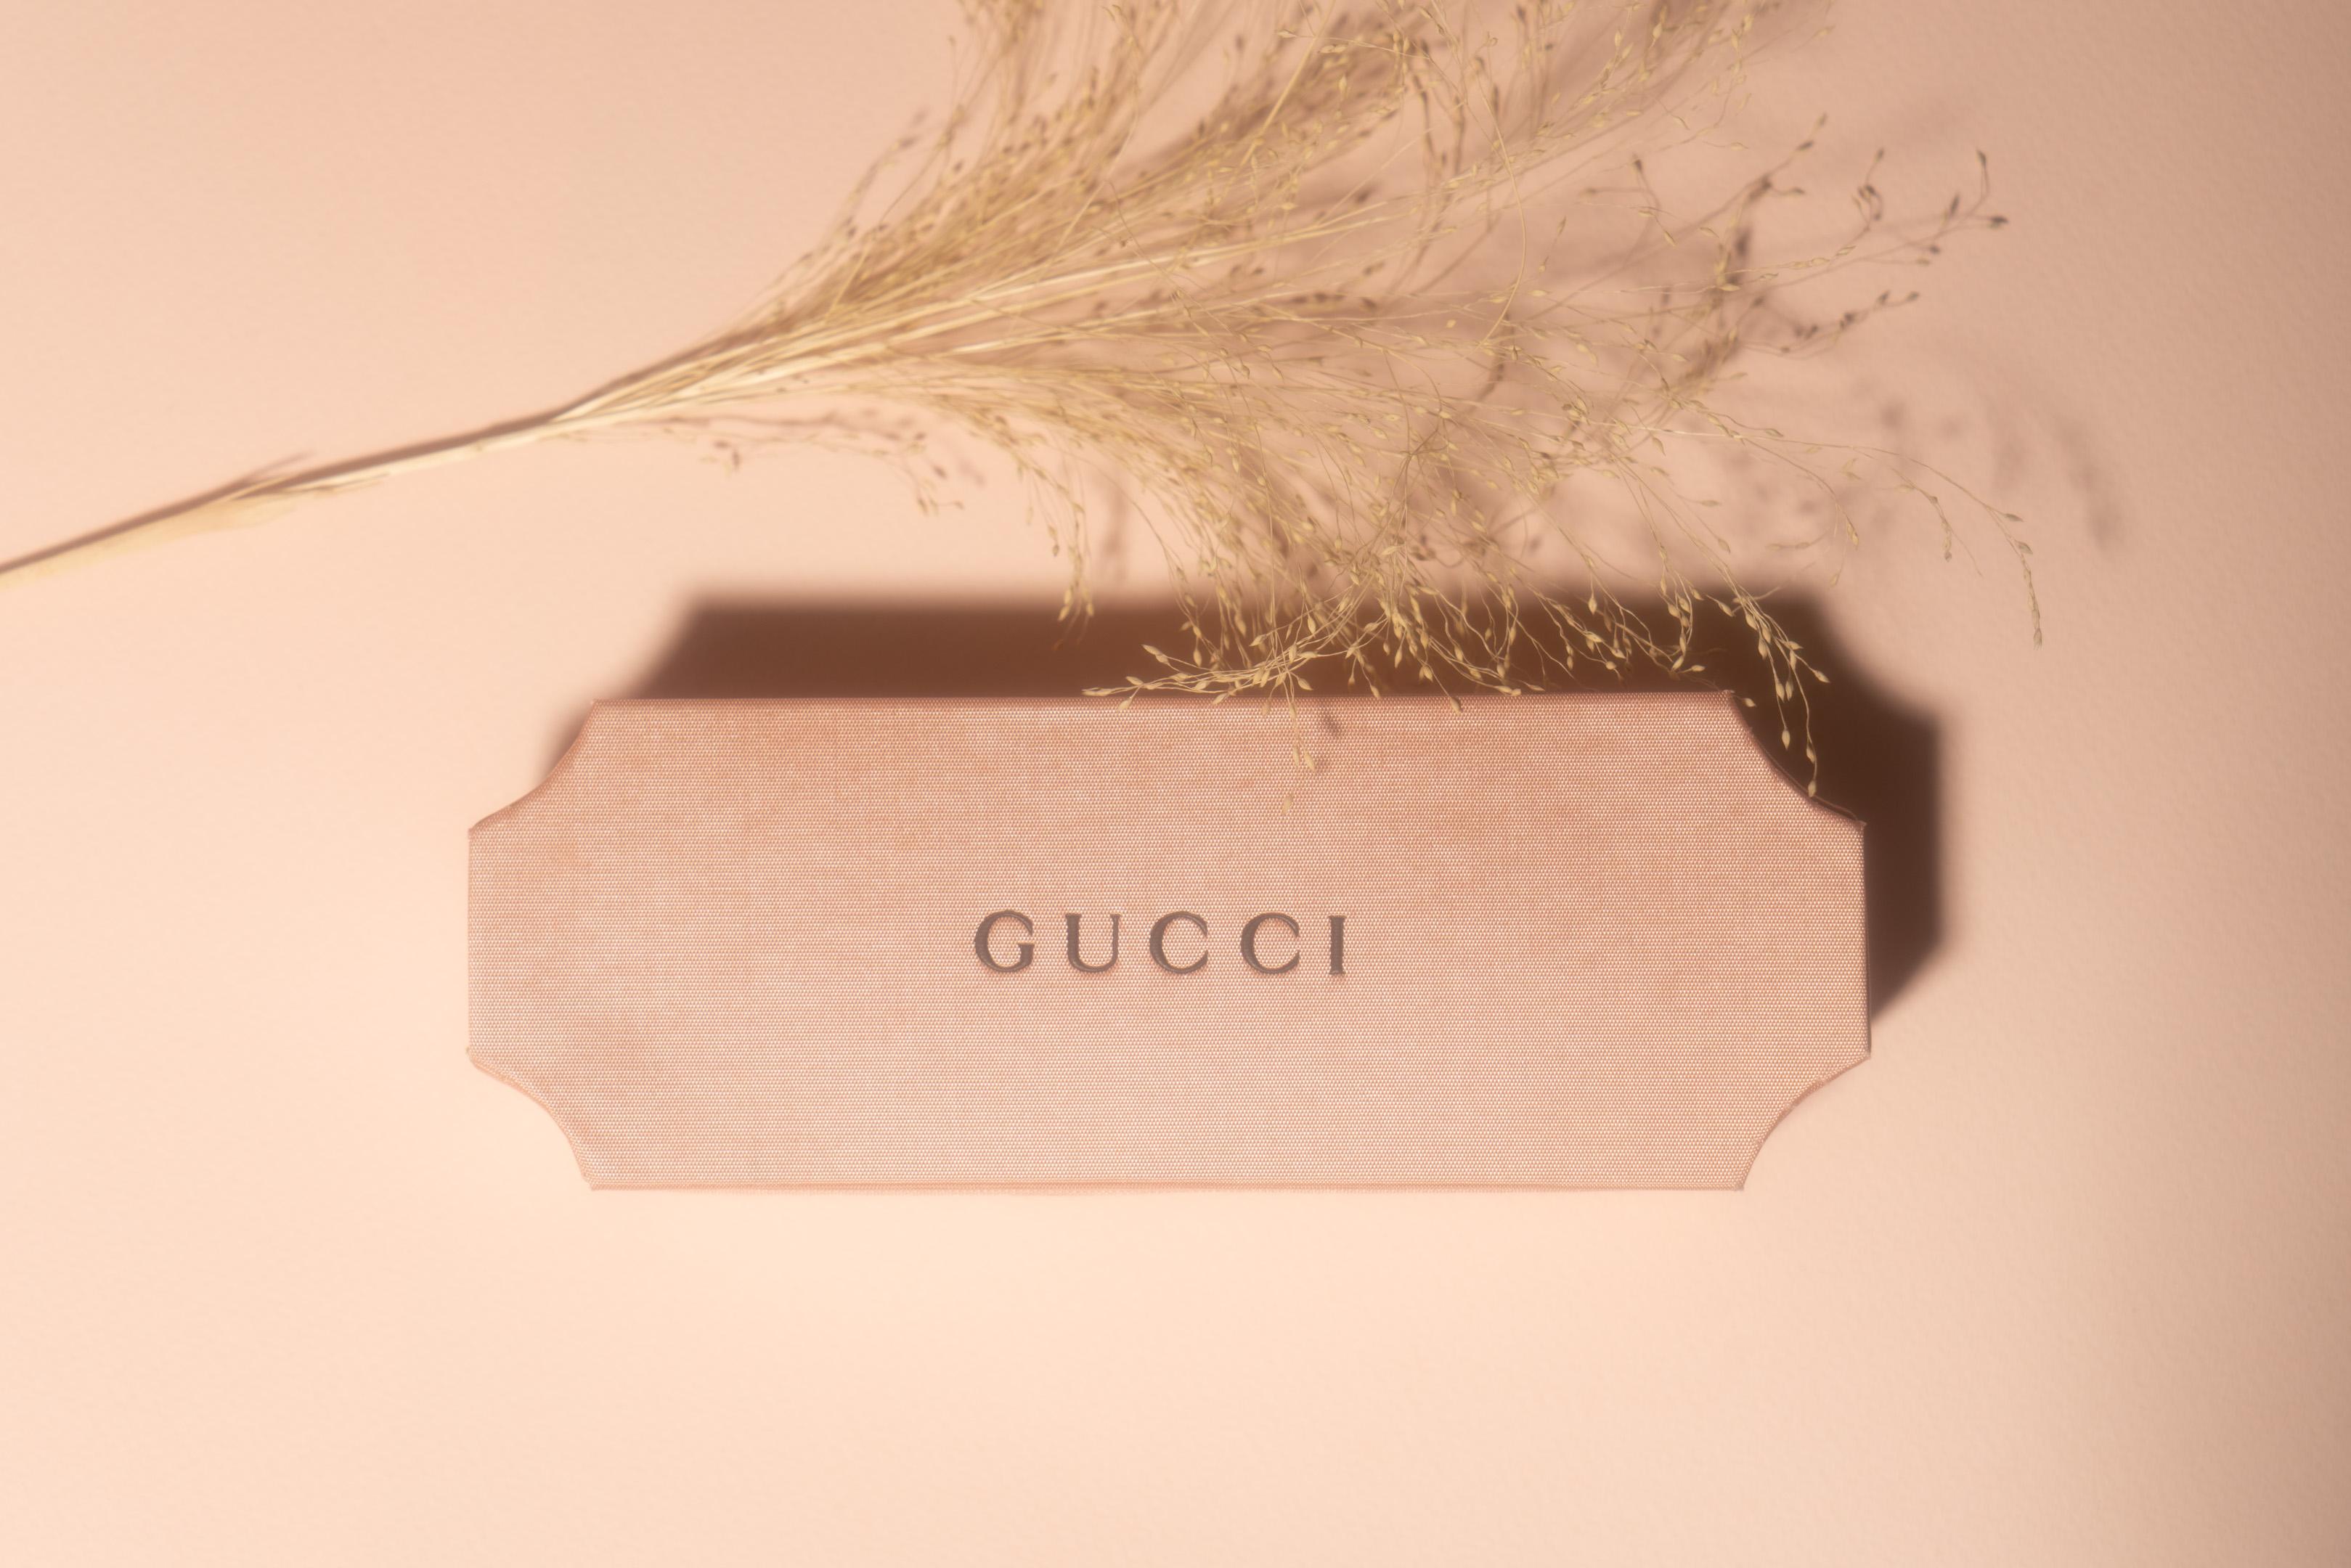 Gucci L'Obscur Still Life